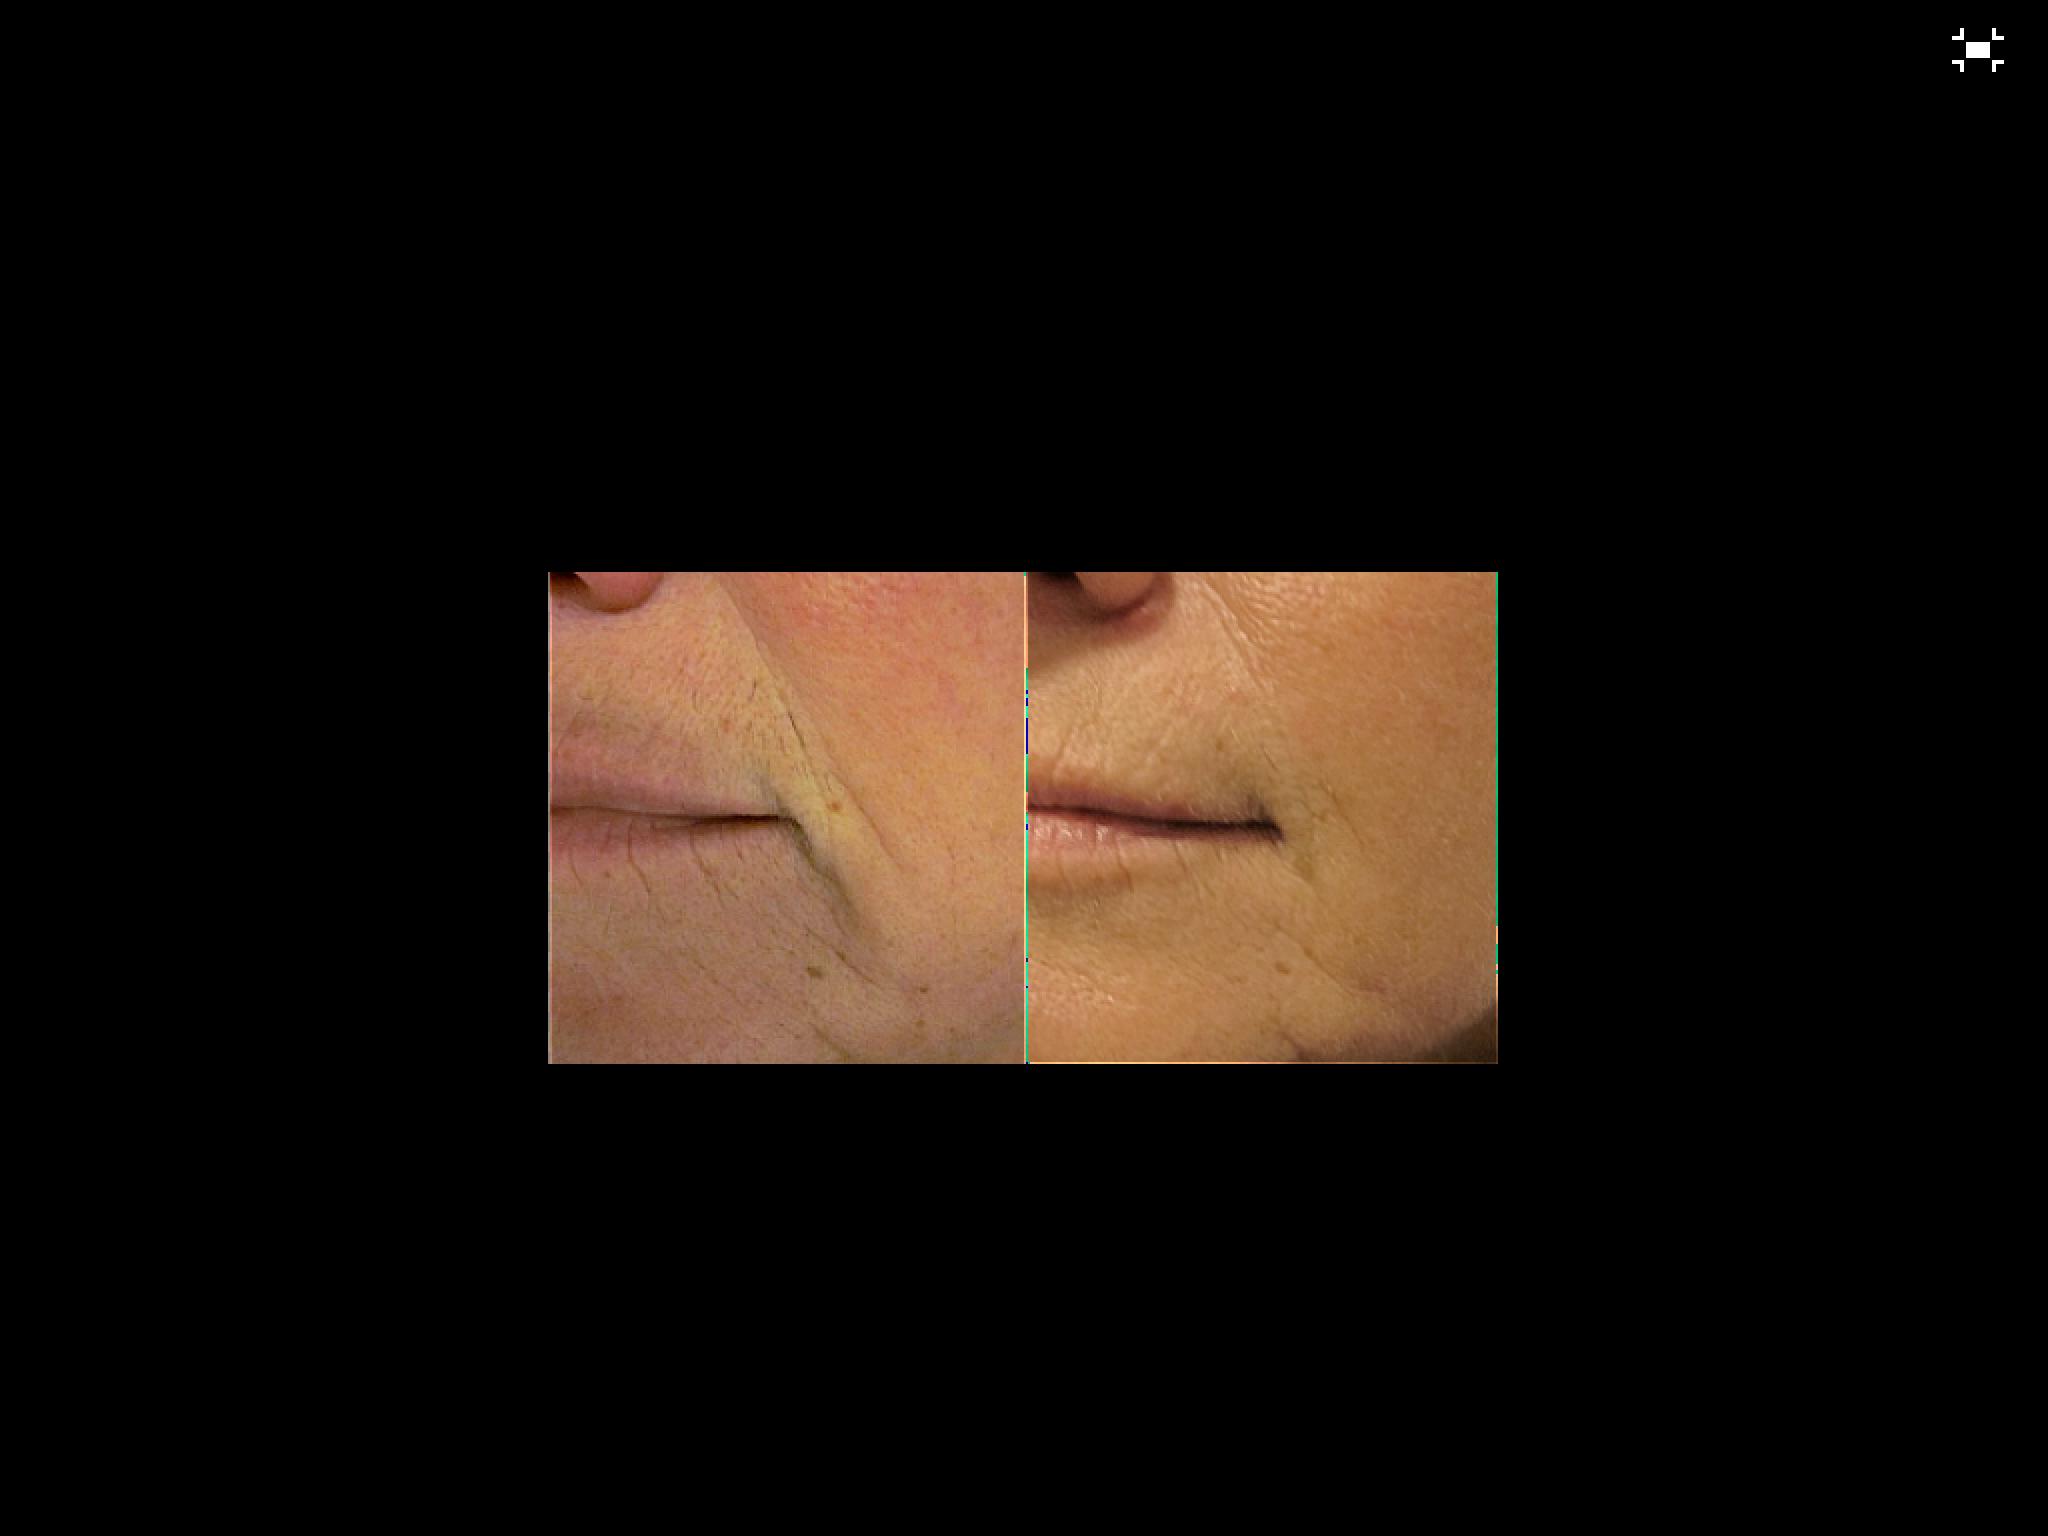 Voor en na enkele maanden anti-aging egf complex met derma roller, oxygel en DayNight